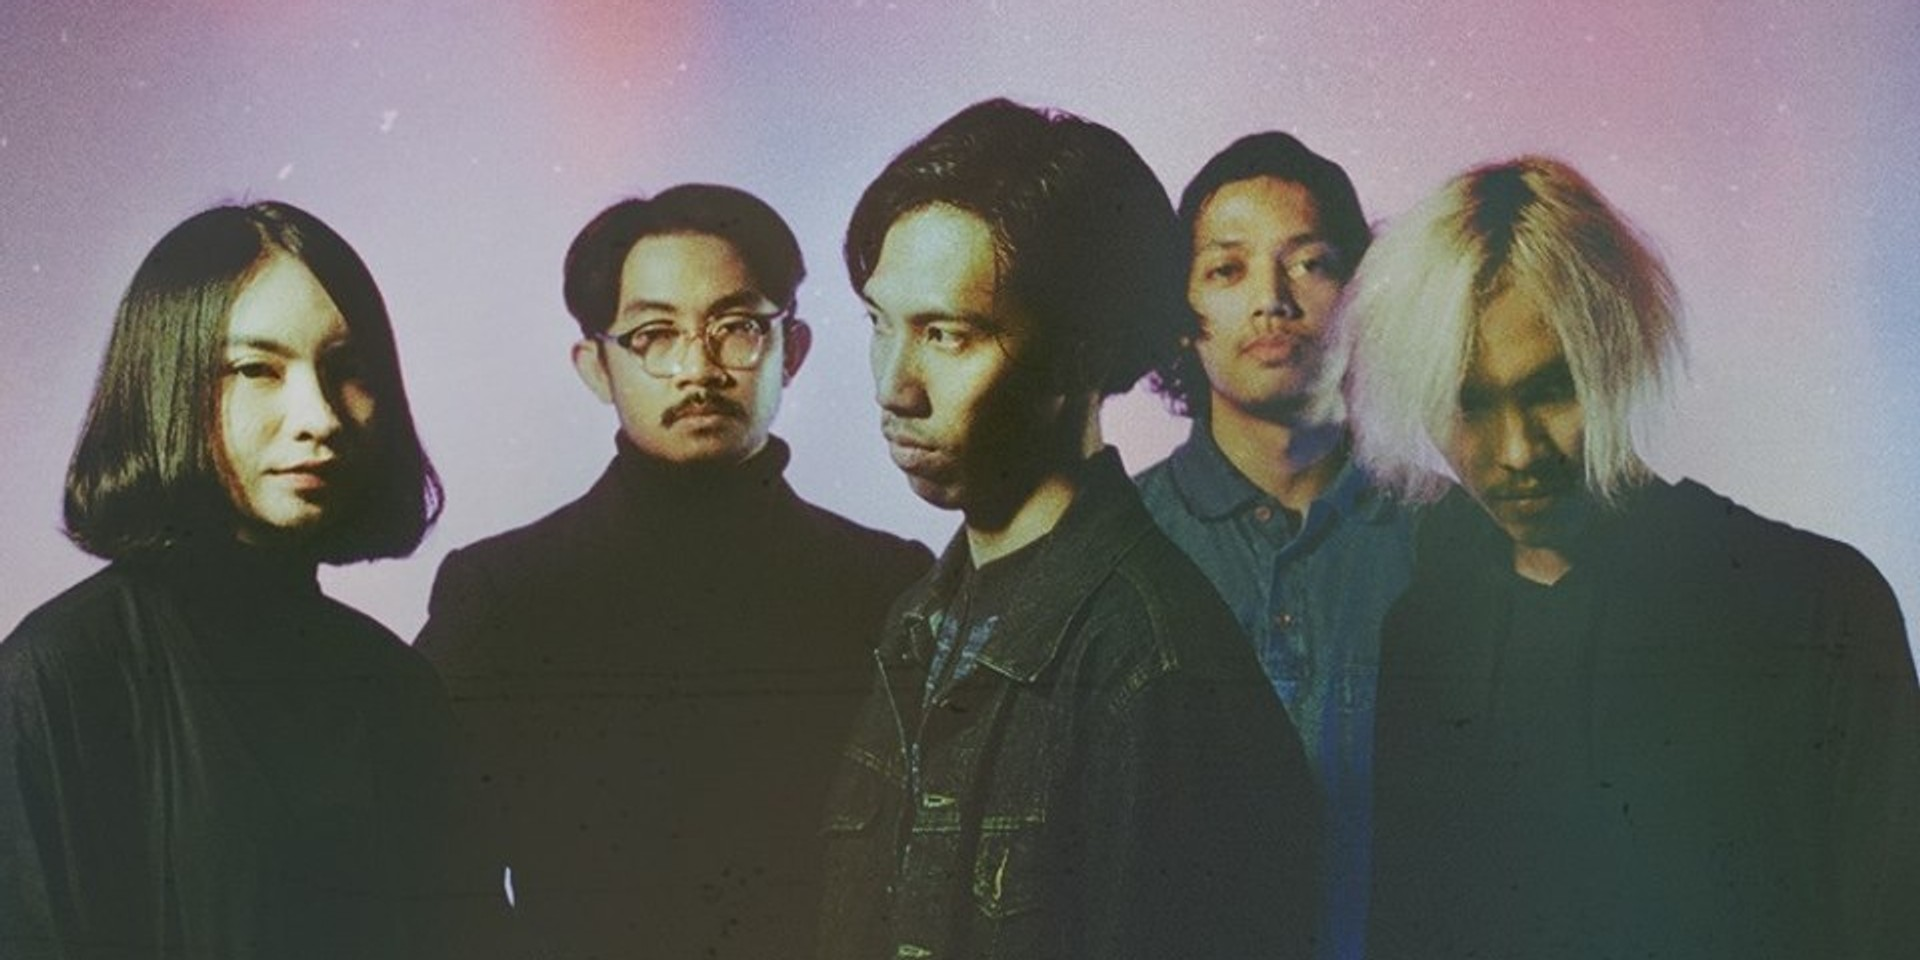 Bandung-based shoegazers Heals drop debut album Spectrum — listen